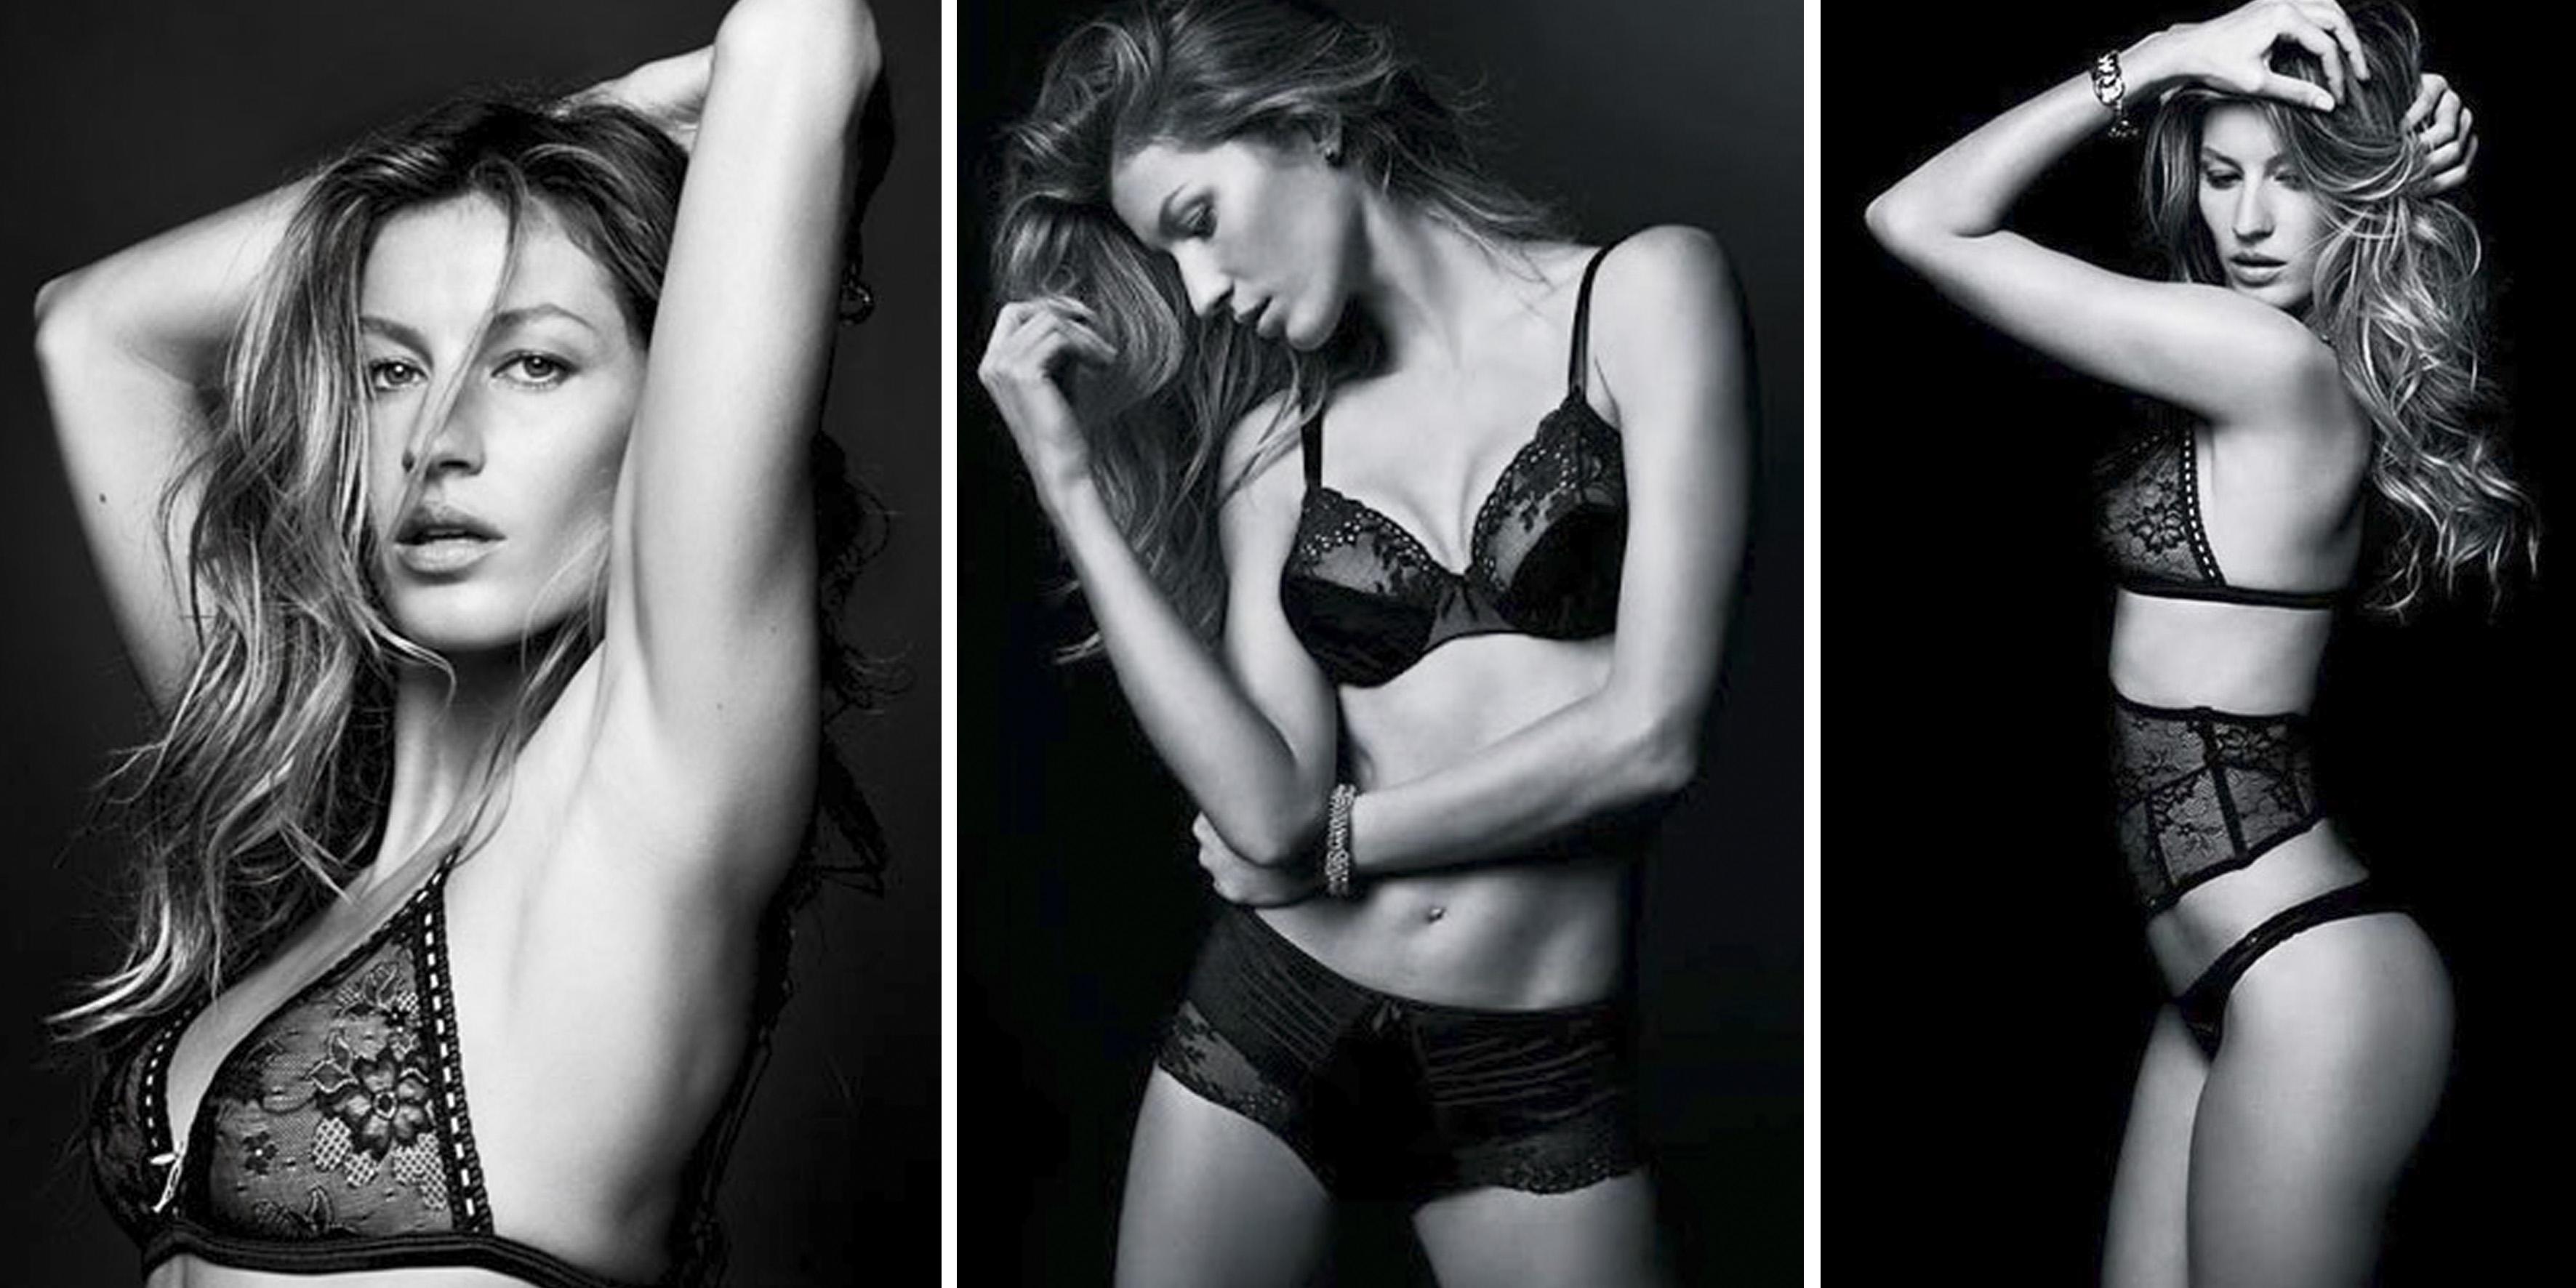 gisele-bundchen-intimates-marque-lingerie-brc3a9silienne-gisele-bundchen-top-model